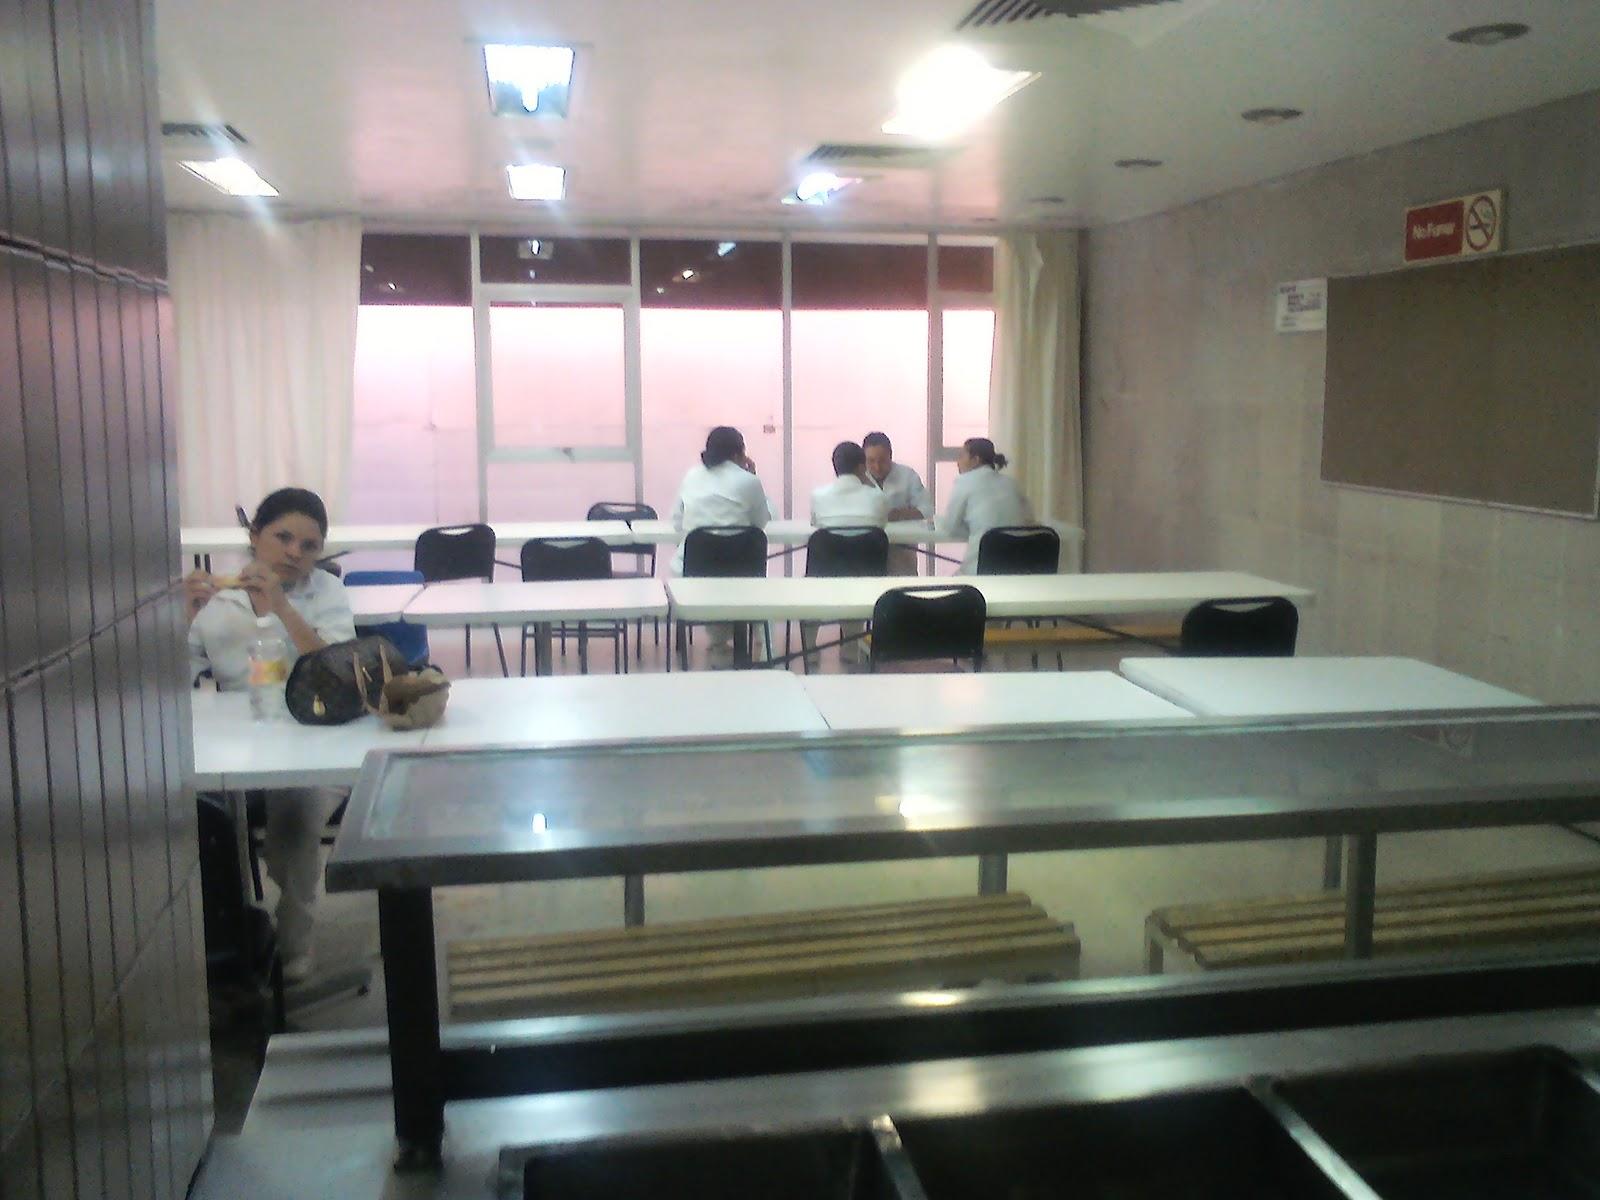 Comedores Industriales En Mexico | Practicas En Comedores ...